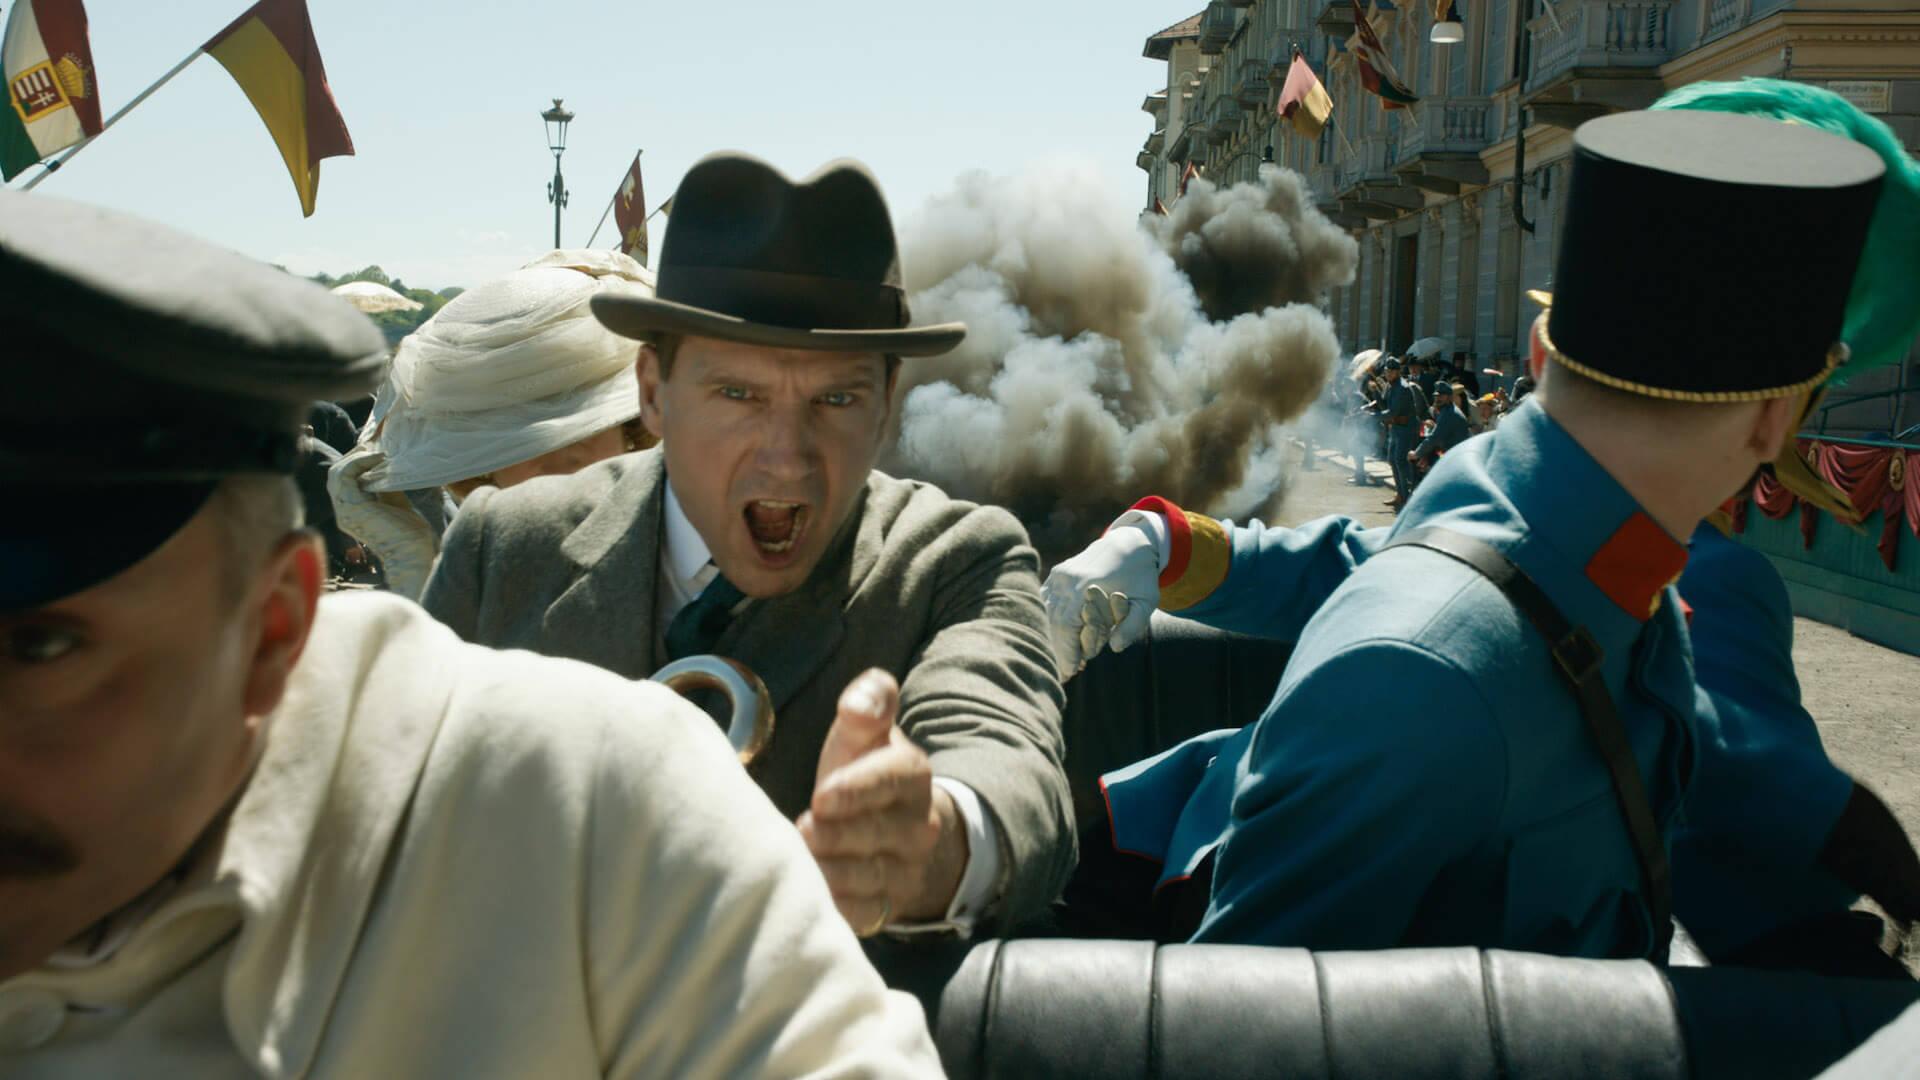 """『キングスマン:ファースト・エージェント』最大の魅力は""""バディの存在""""!公開前に観たい傑作バディ・ムービーも一挙紹介 film210126_kingsman_4"""